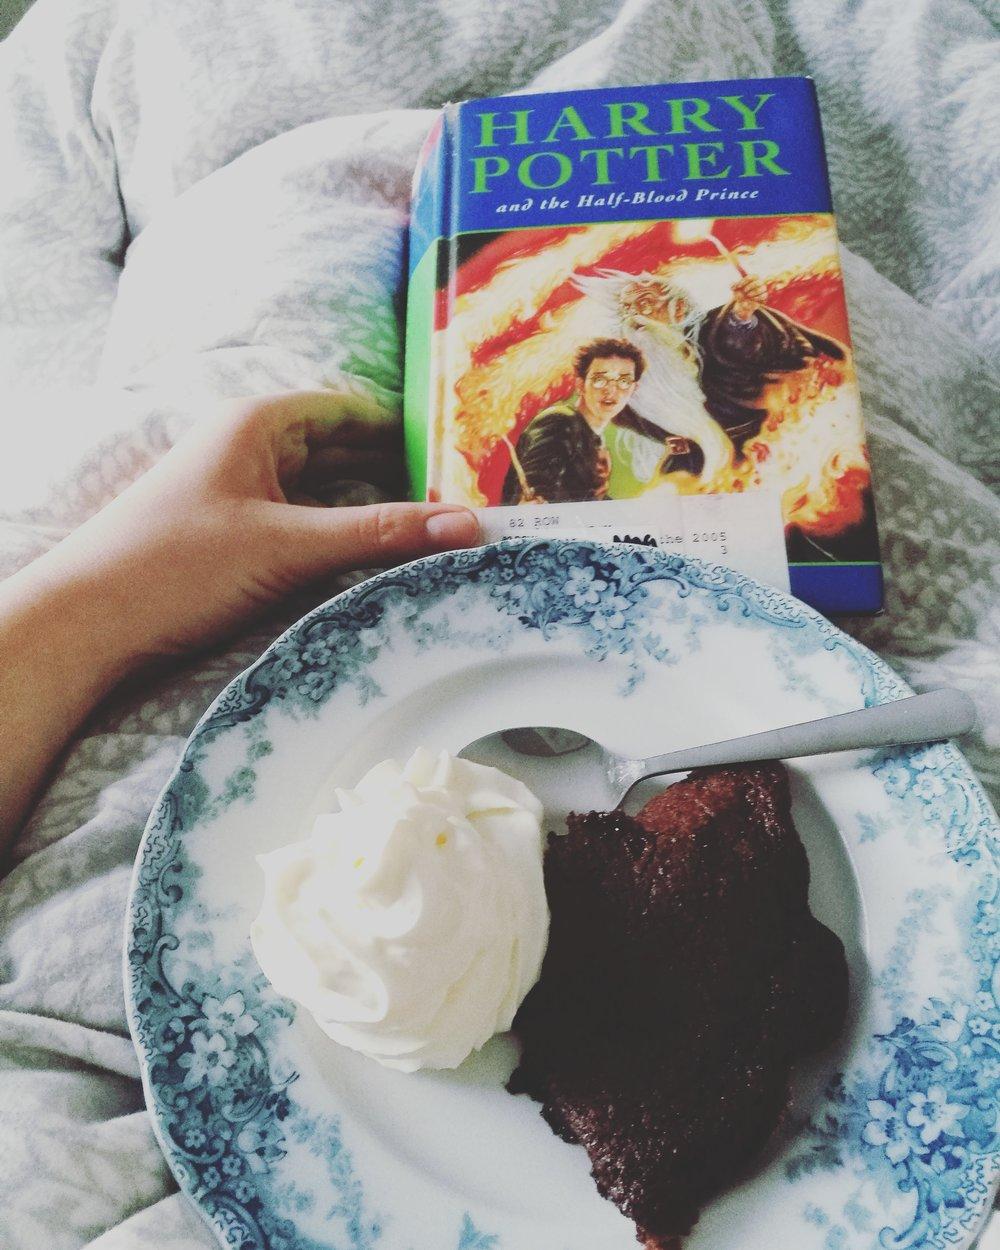 Når man bare må høre på seg selv og ta med seg brownies og boka i senga og bli der resten av dagen.